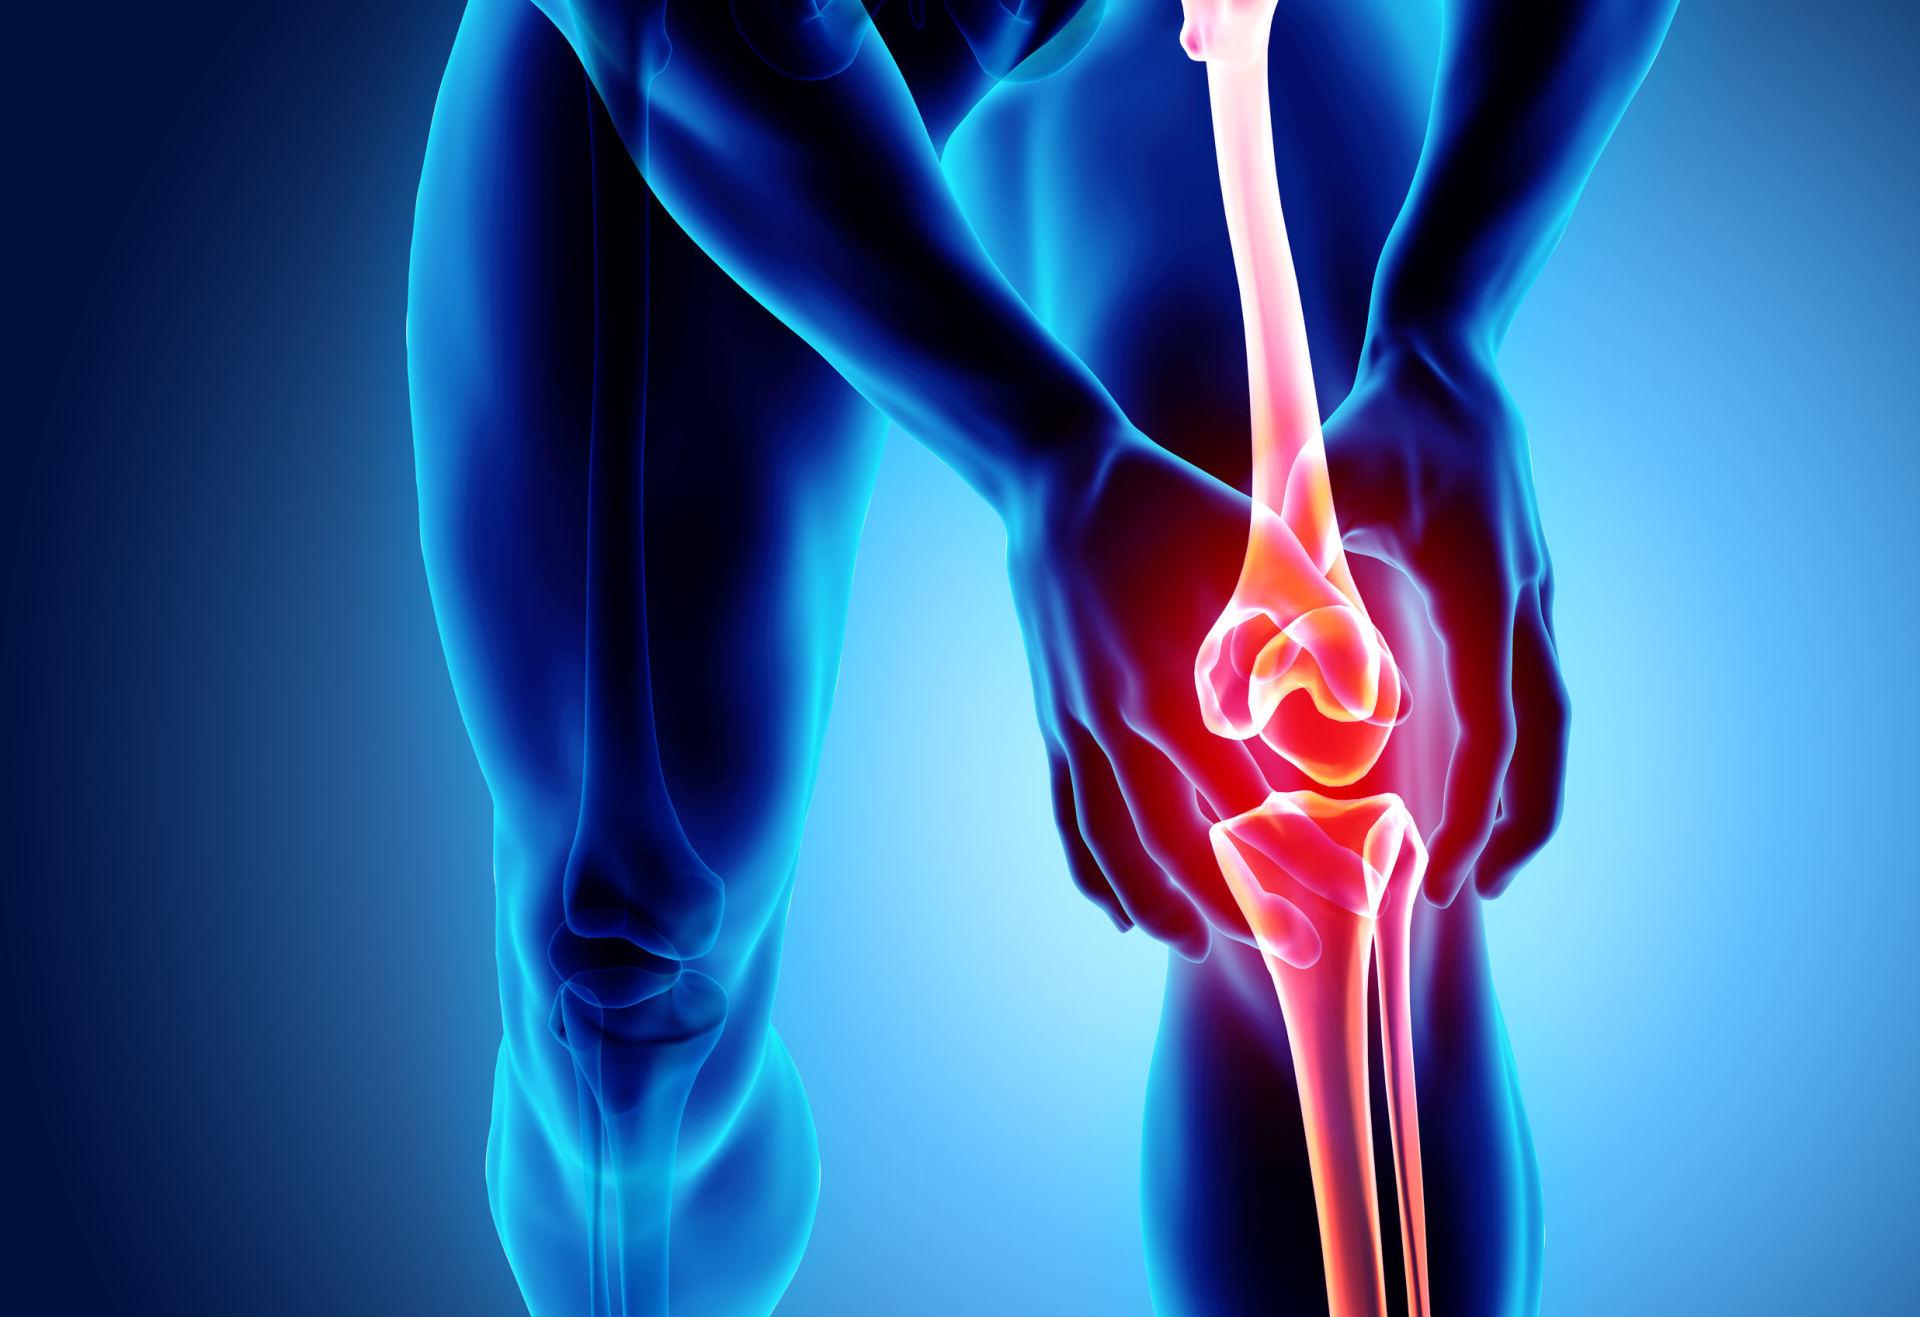 kaip anestezēt stiprus sąnarių skausmas šepečių sąnarių skaistalai ir skauda